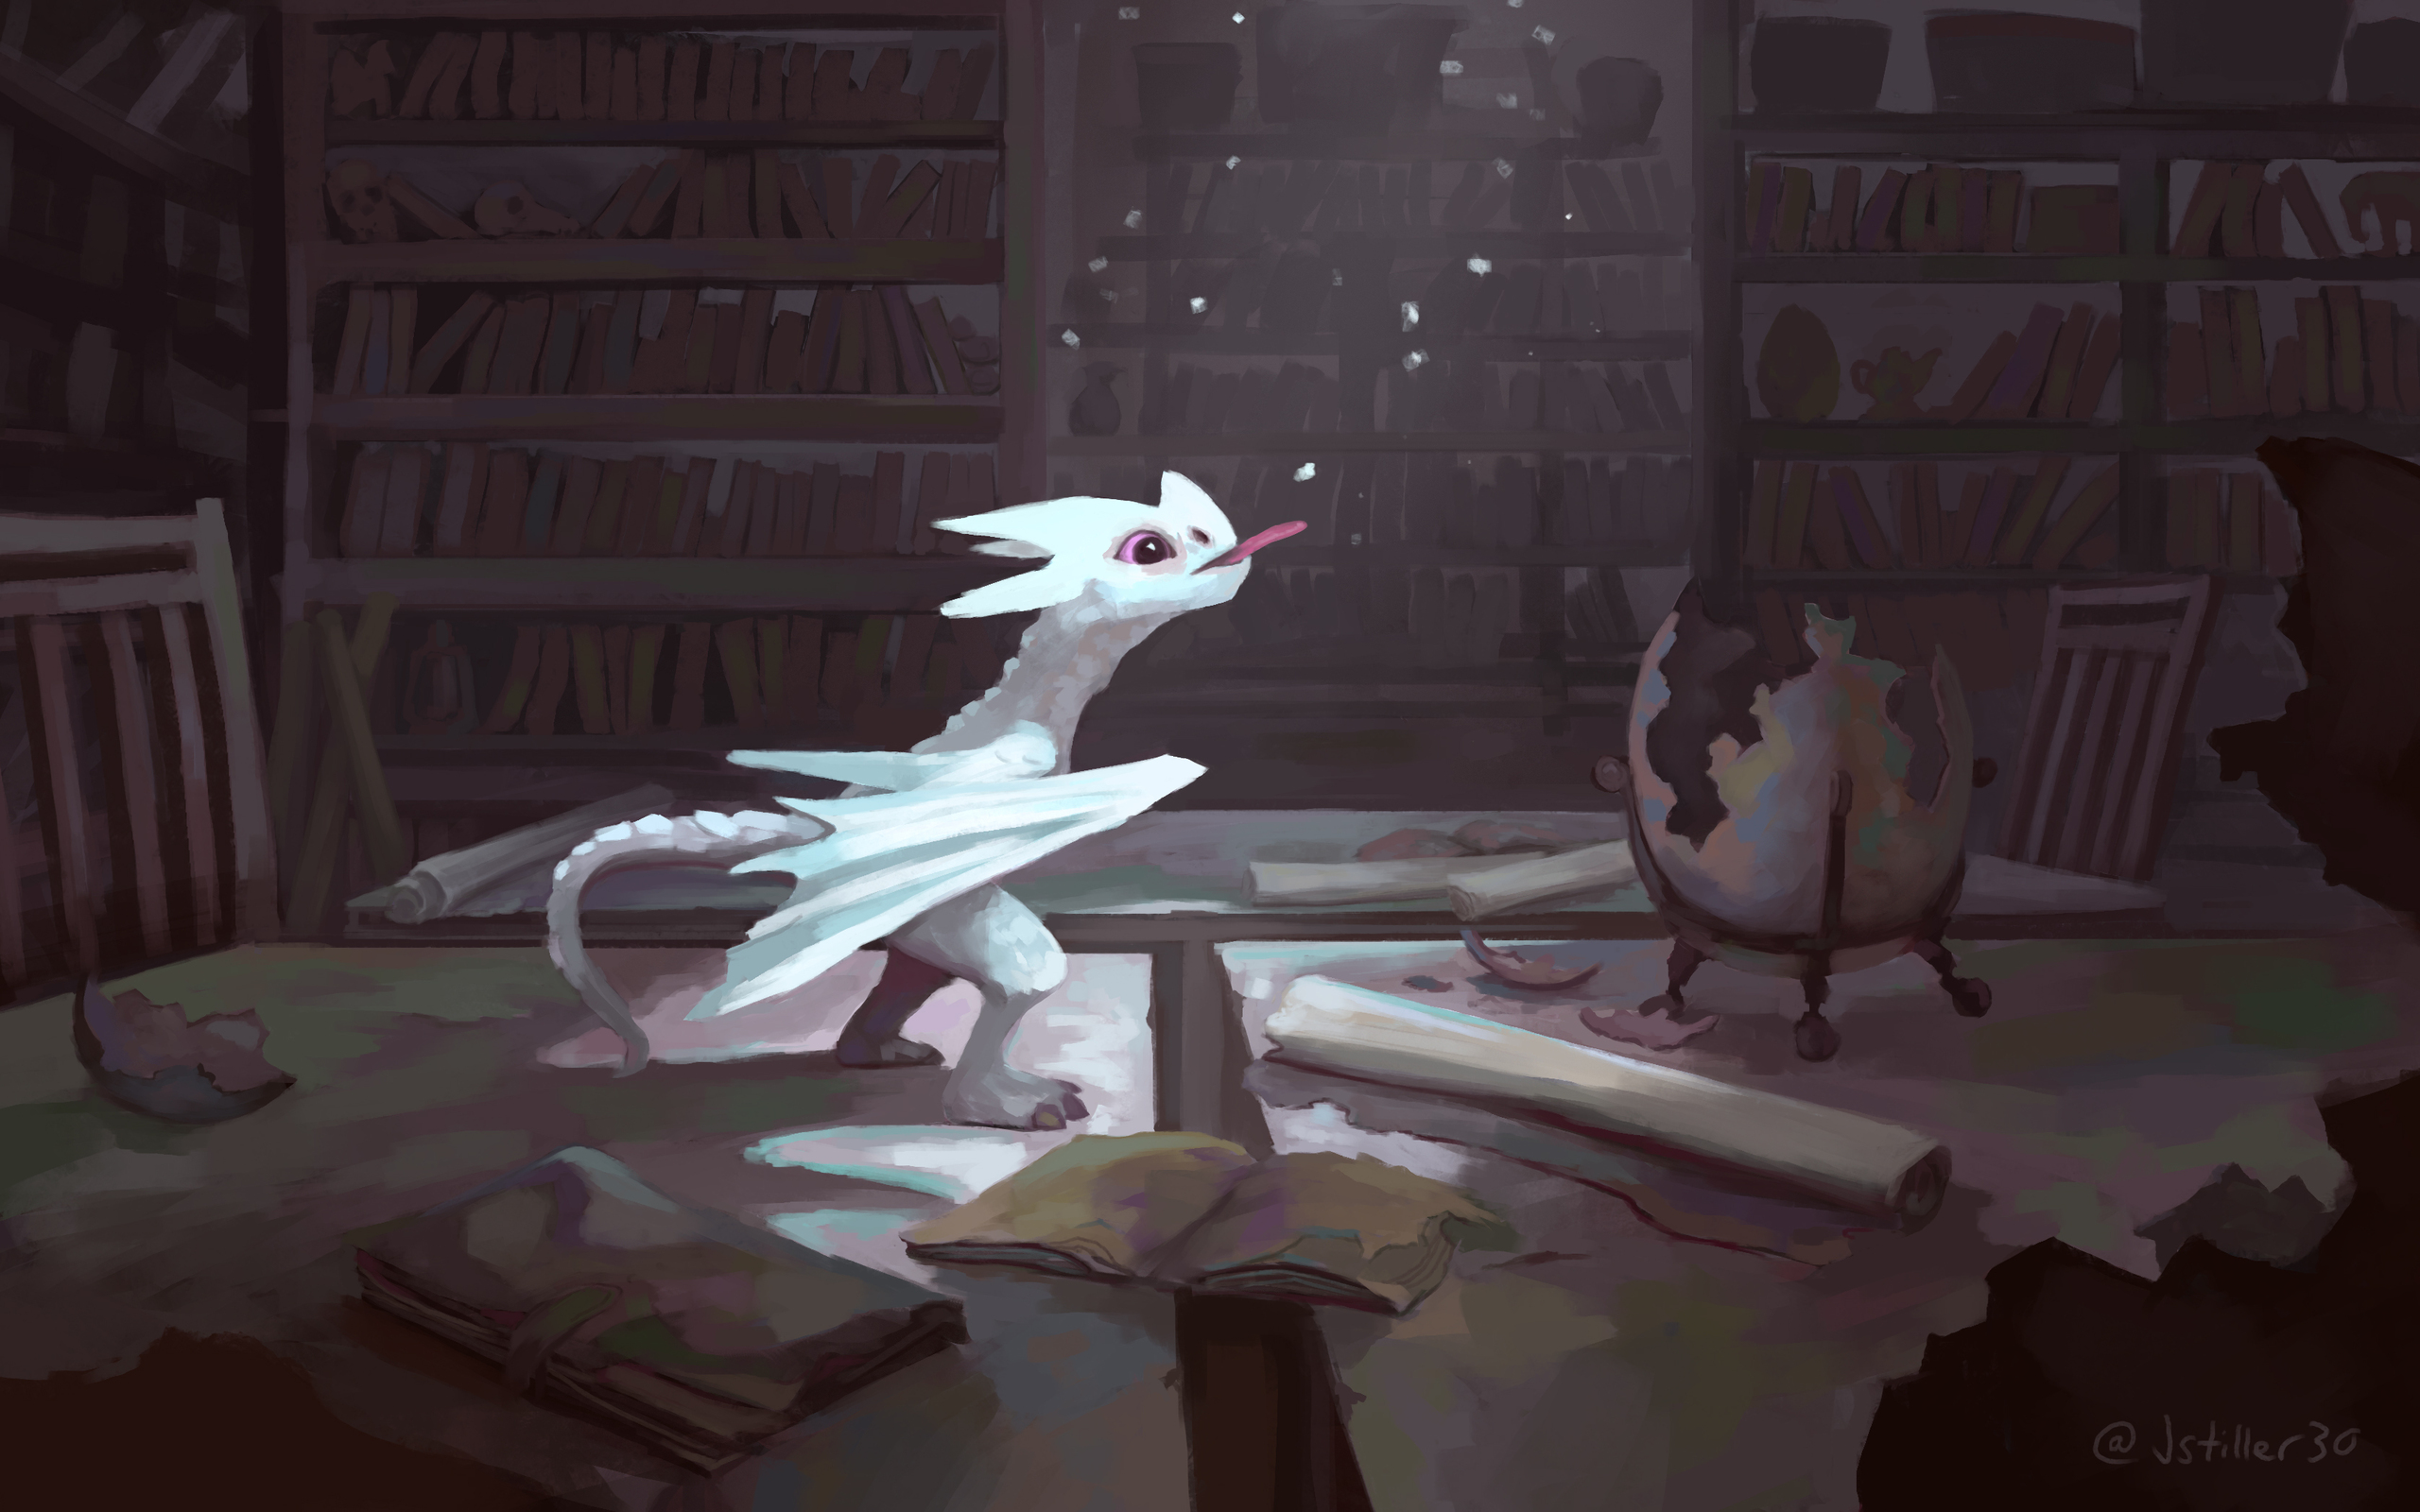 white-baby-dragon-4k-iv.jpg